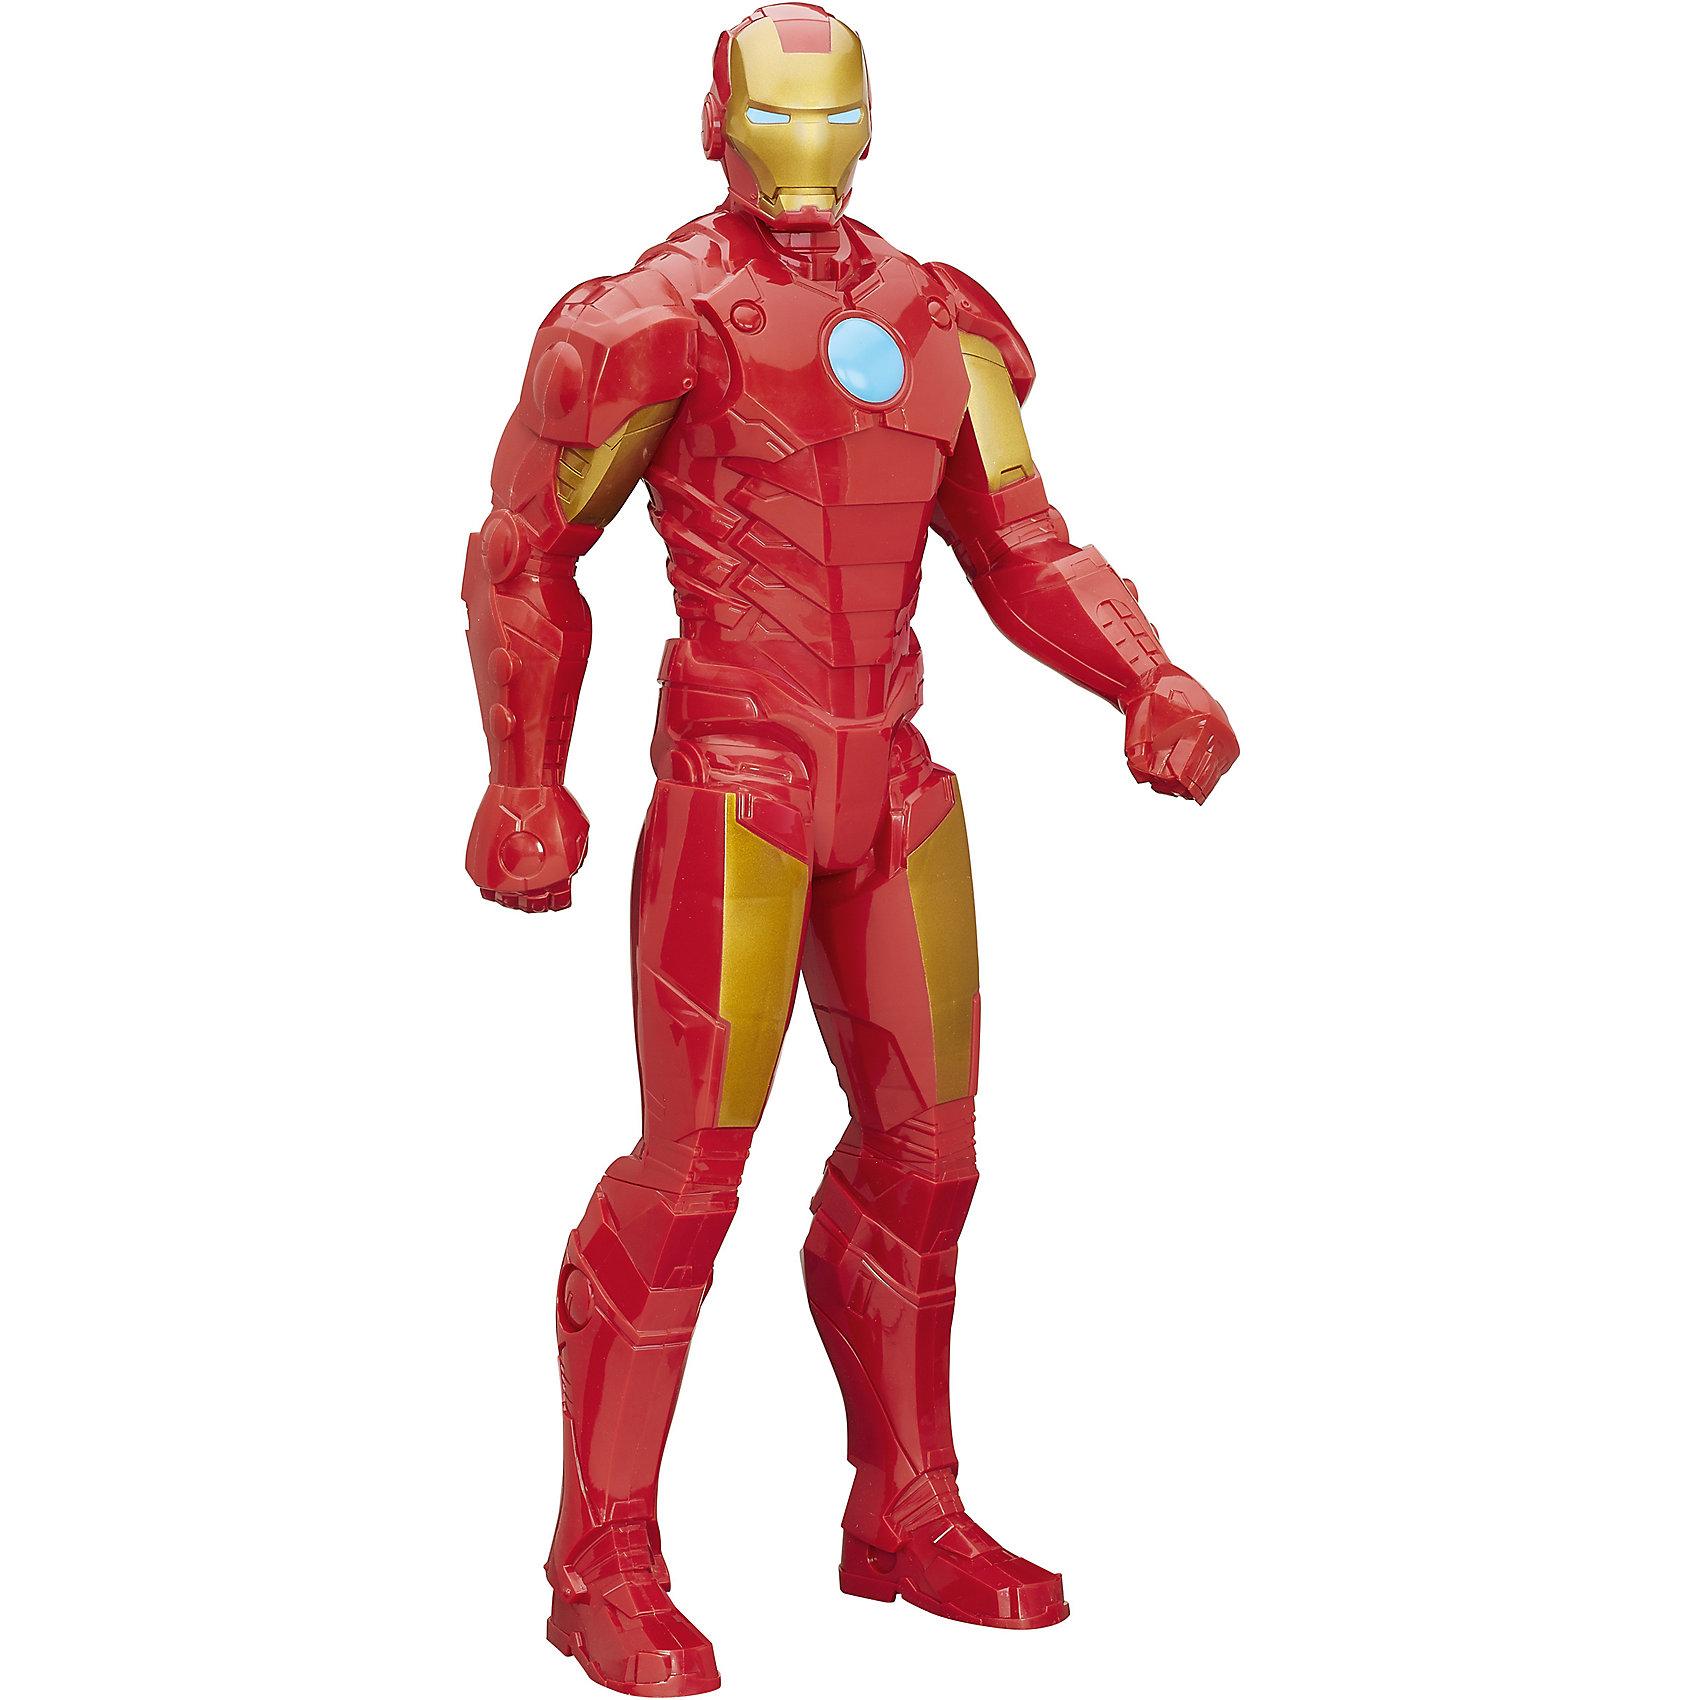 Титаны XL: Фигурка Железного ЧеловекаБольшая фигурка Железного Человека обязательно понравится мальчишкам! Игрушка выполнена из высококачественного прочного пластика, имеет подвижные руки, ноги и голову. Фигурка прекрасно детализирована и очень похожа на персонажа комиксов Марвел (Marvel). <br><br>Дополнительная информация:<br><br>- Материал: пластик.<br>- Размер: 50 см. <br>- Подвижные ноги, руки, голова (колени, локти сгибаются).<br><br>Титаны XL: Фигурка Железного Человека (Iron Man) можно купить в нашем магазине.<br><br>Ширина мм: 102<br>Глубина мм: 203<br>Высота мм: 506<br>Вес г: 709<br>Возраст от месяцев: 48<br>Возраст до месяцев: 192<br>Пол: Мужской<br>Возраст: Детский<br>SKU: 4413253